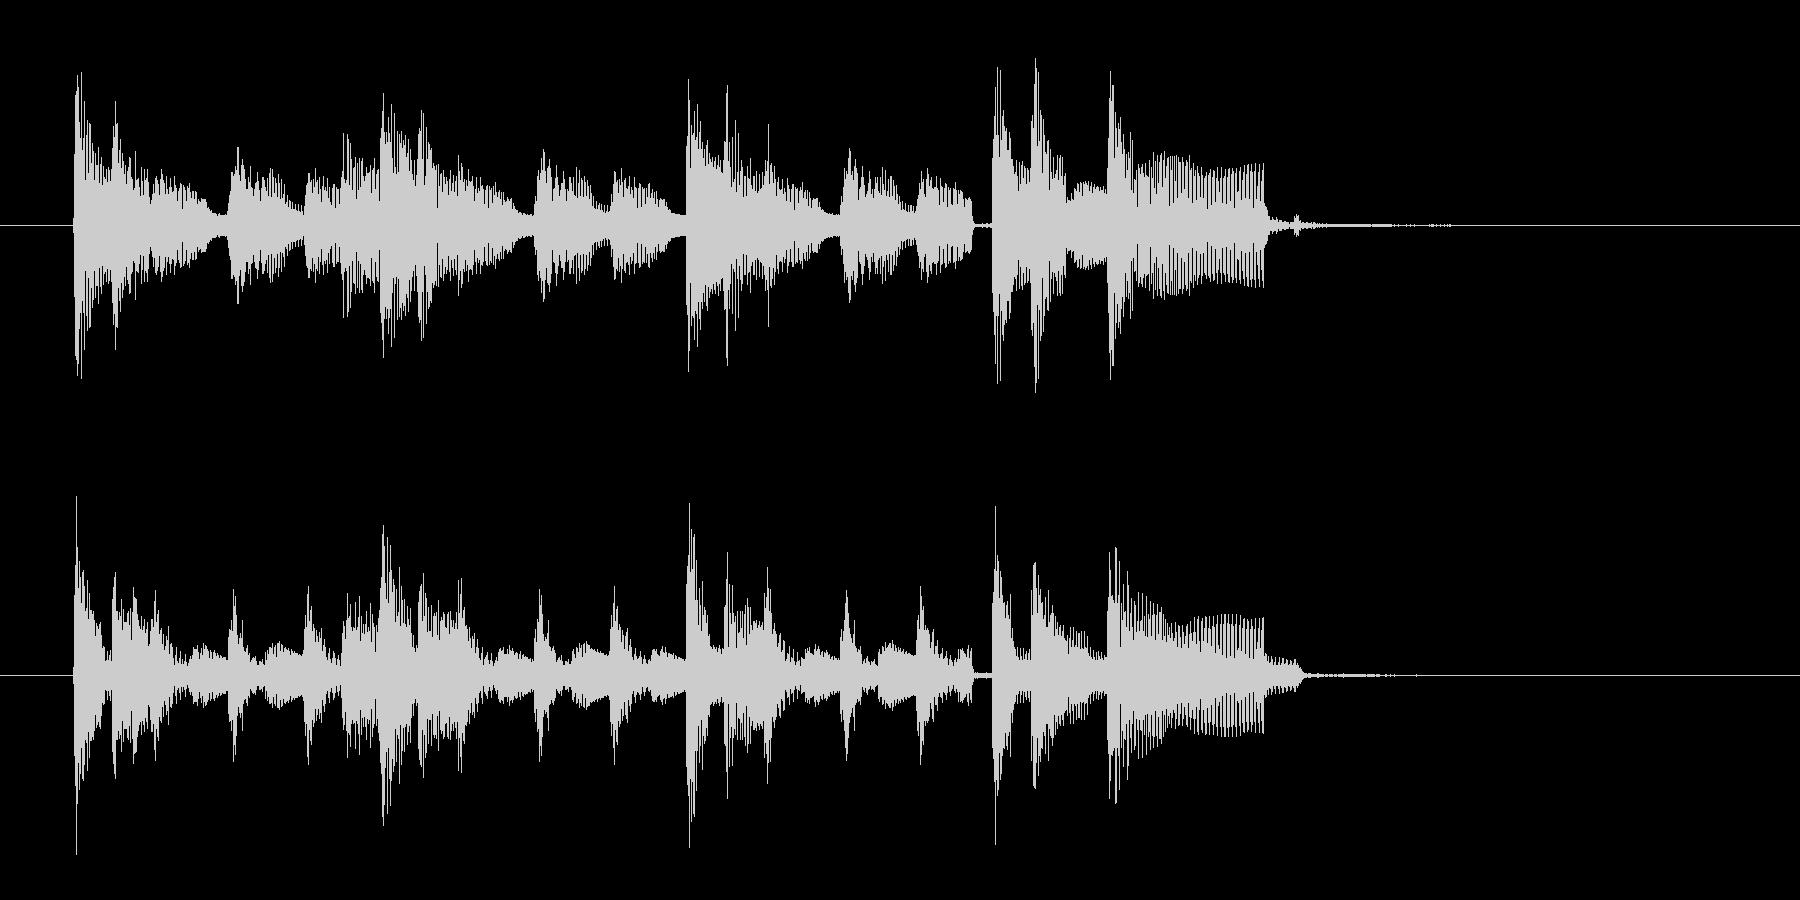 アコギ主体の10秒ブルースジングルの未再生の波形